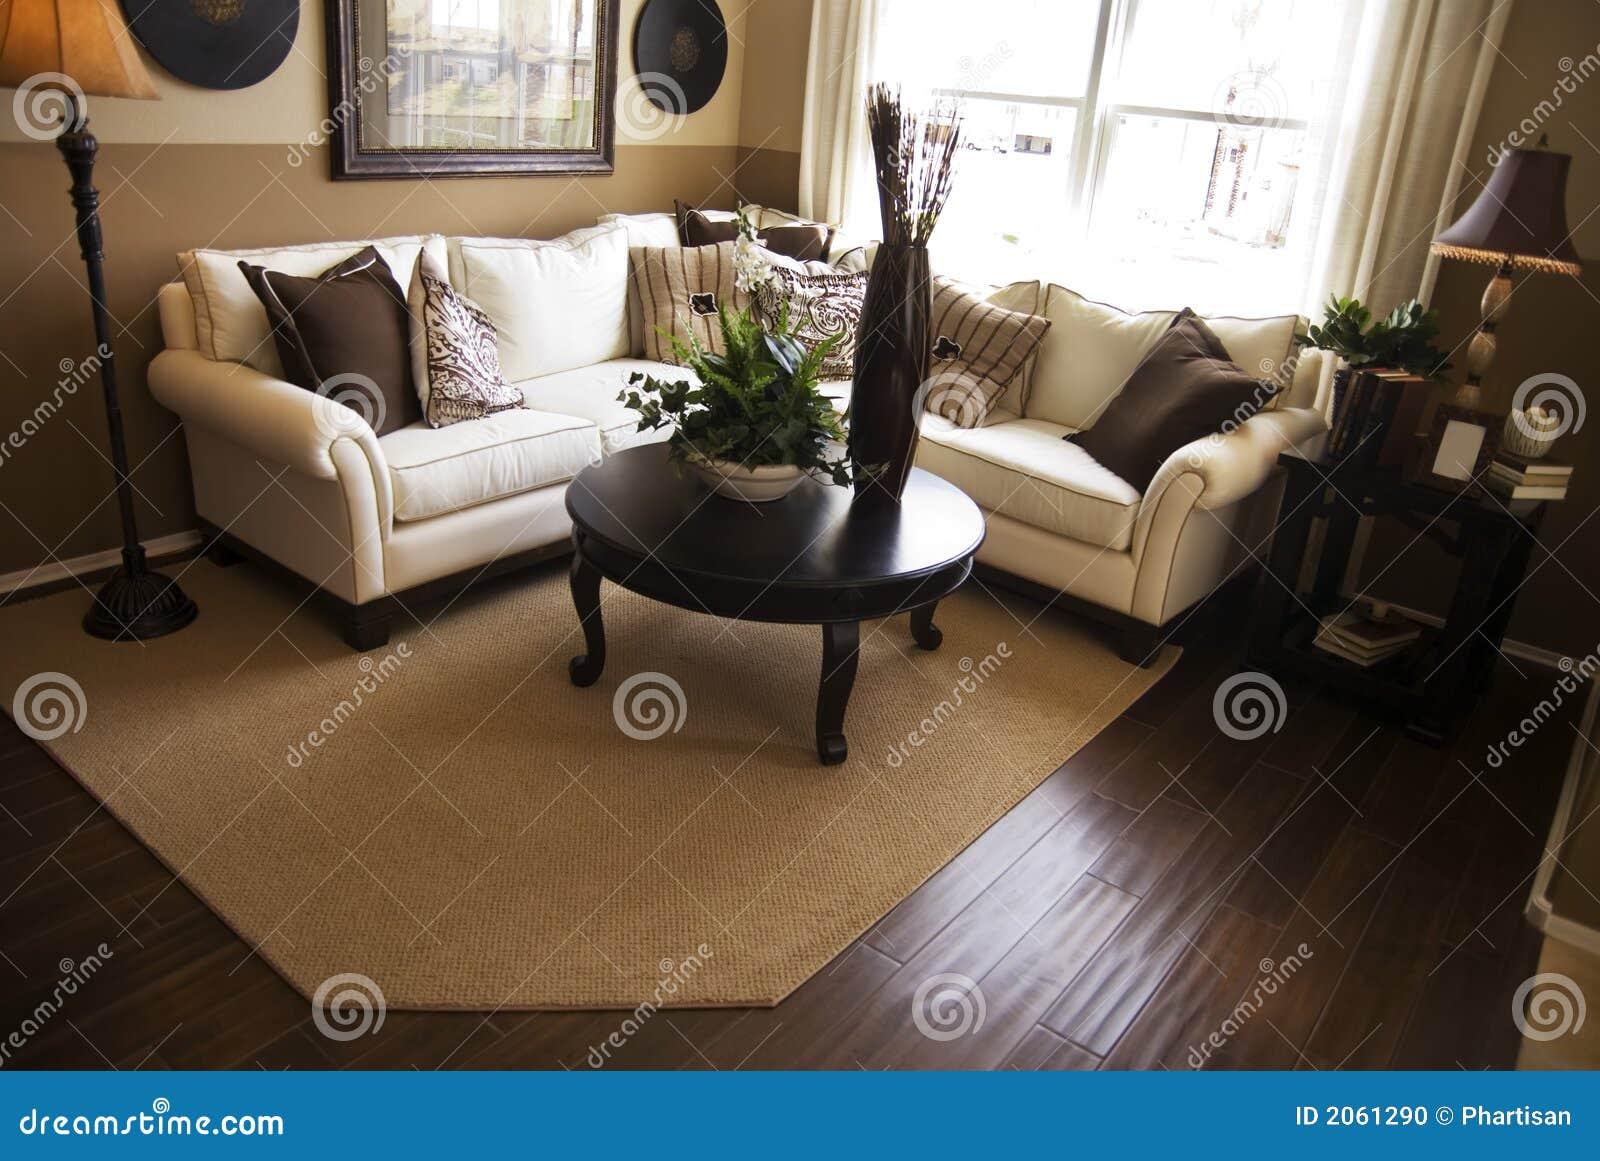 Hartholz Bodenbelag Im Wohnzimmer Stockfoto Bild Von Fussboden